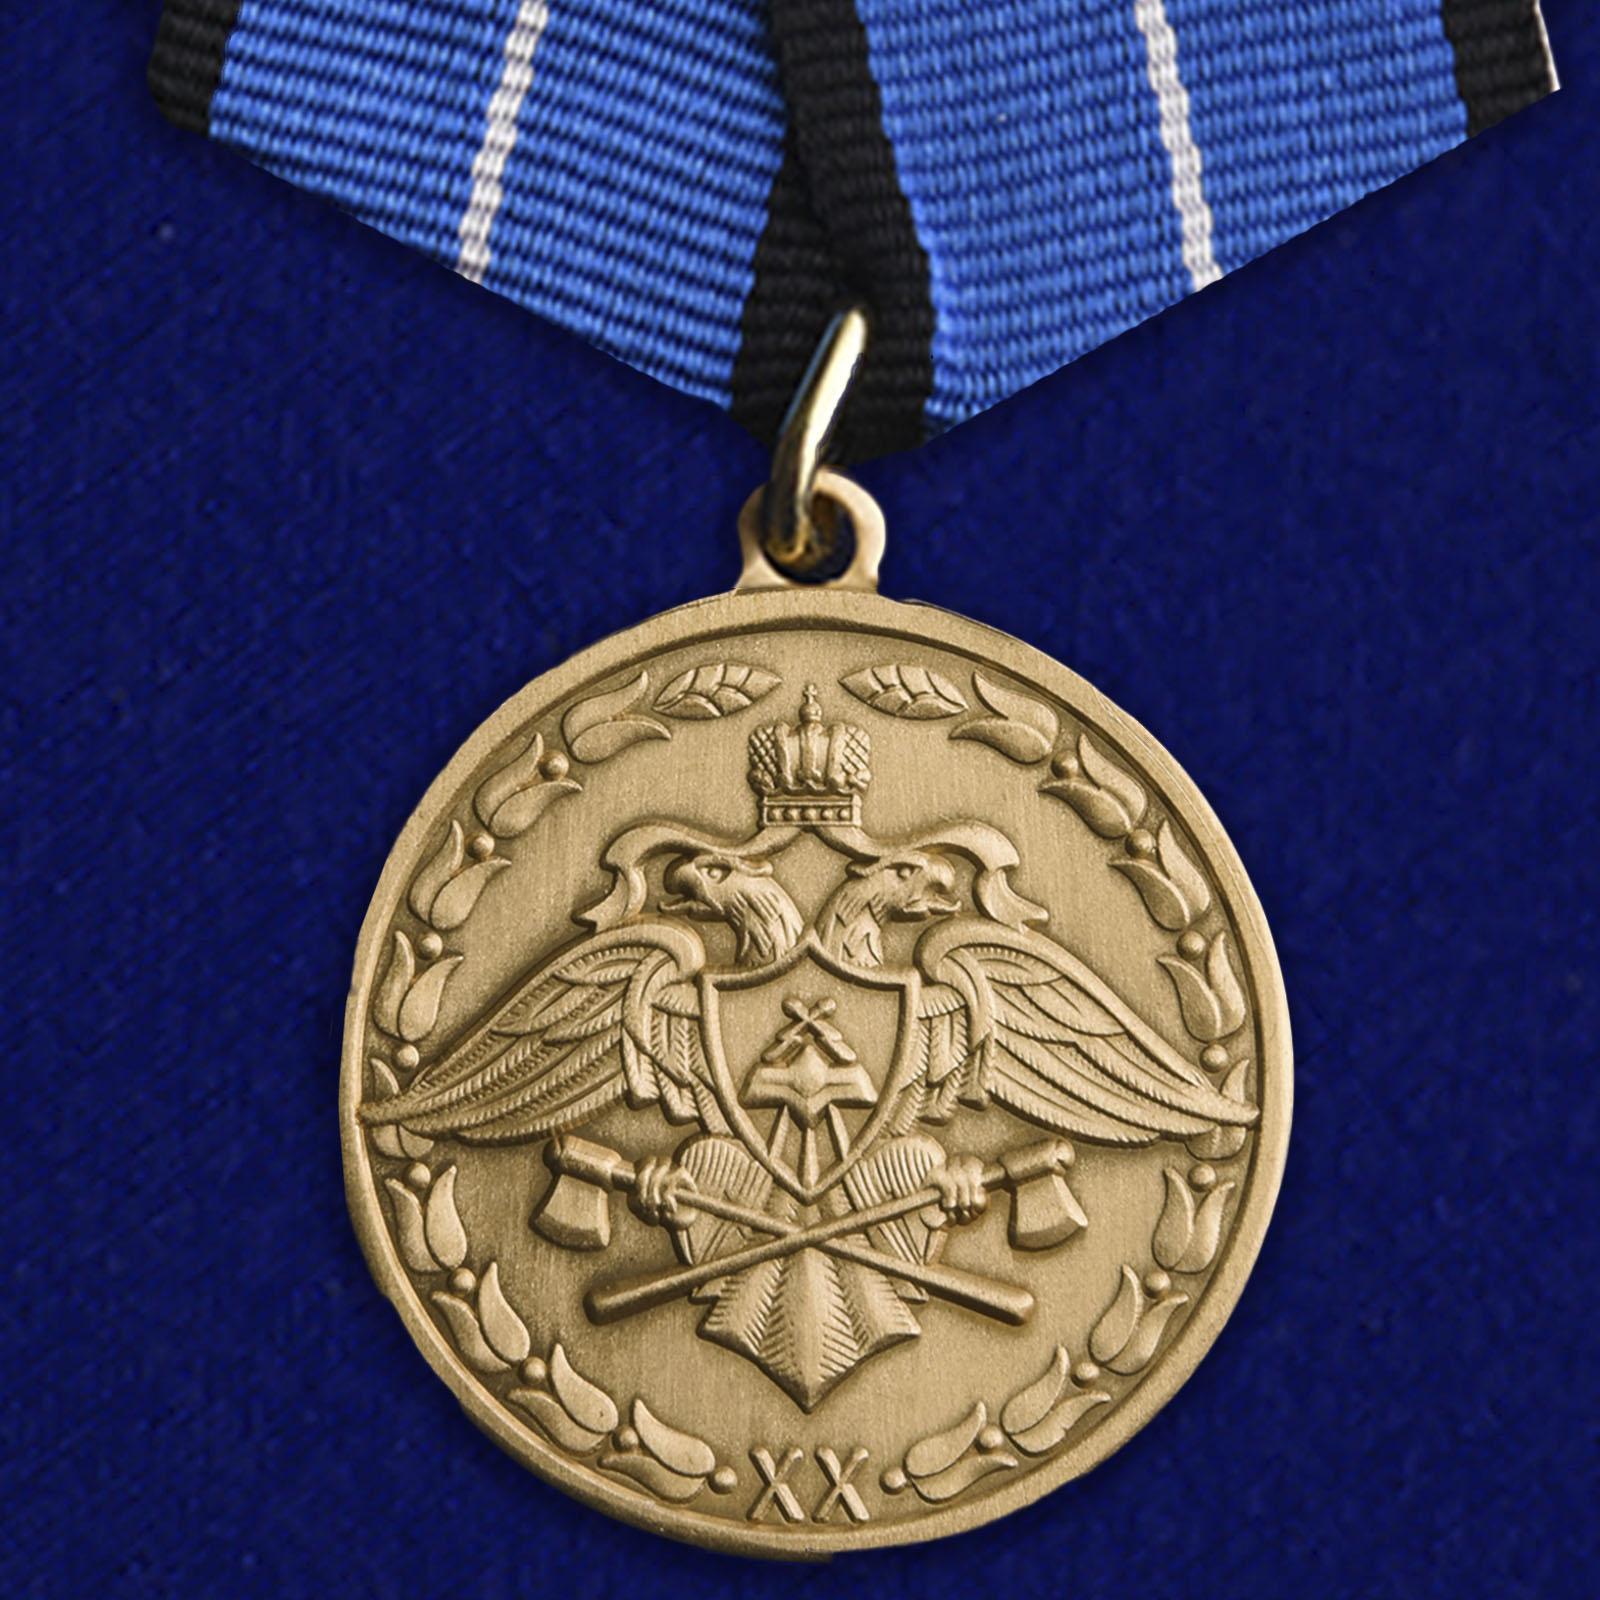 Купить медаль За безупречную службу 1 степени (Спецстрой) на подставке выгодно